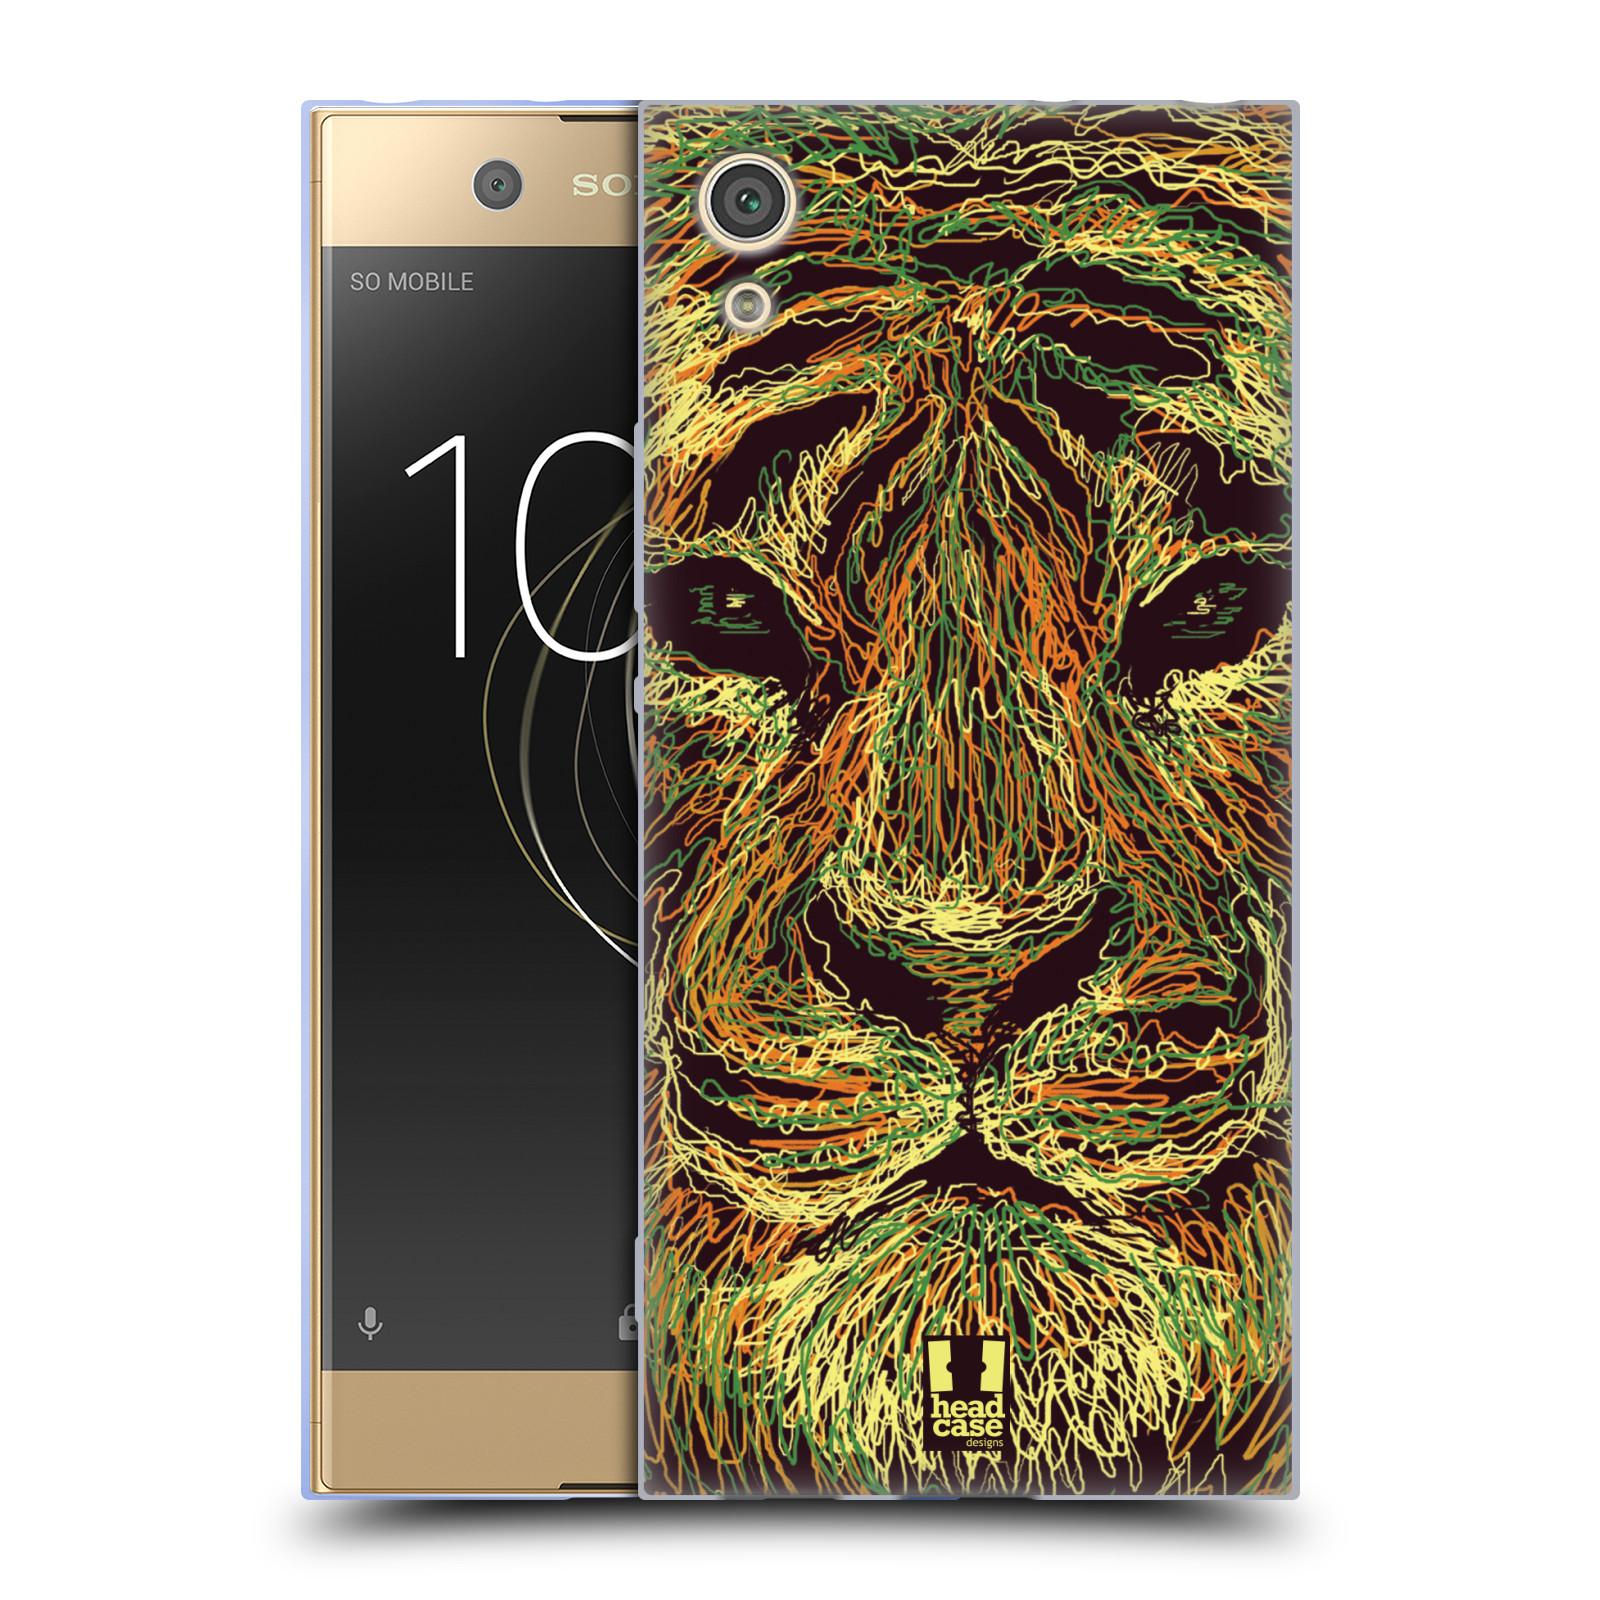 HEAD CASE silikonový obal na mobil Sony Xperia XA1 / XA1 DUAL SIM vzor zvíře čmáranice tygr